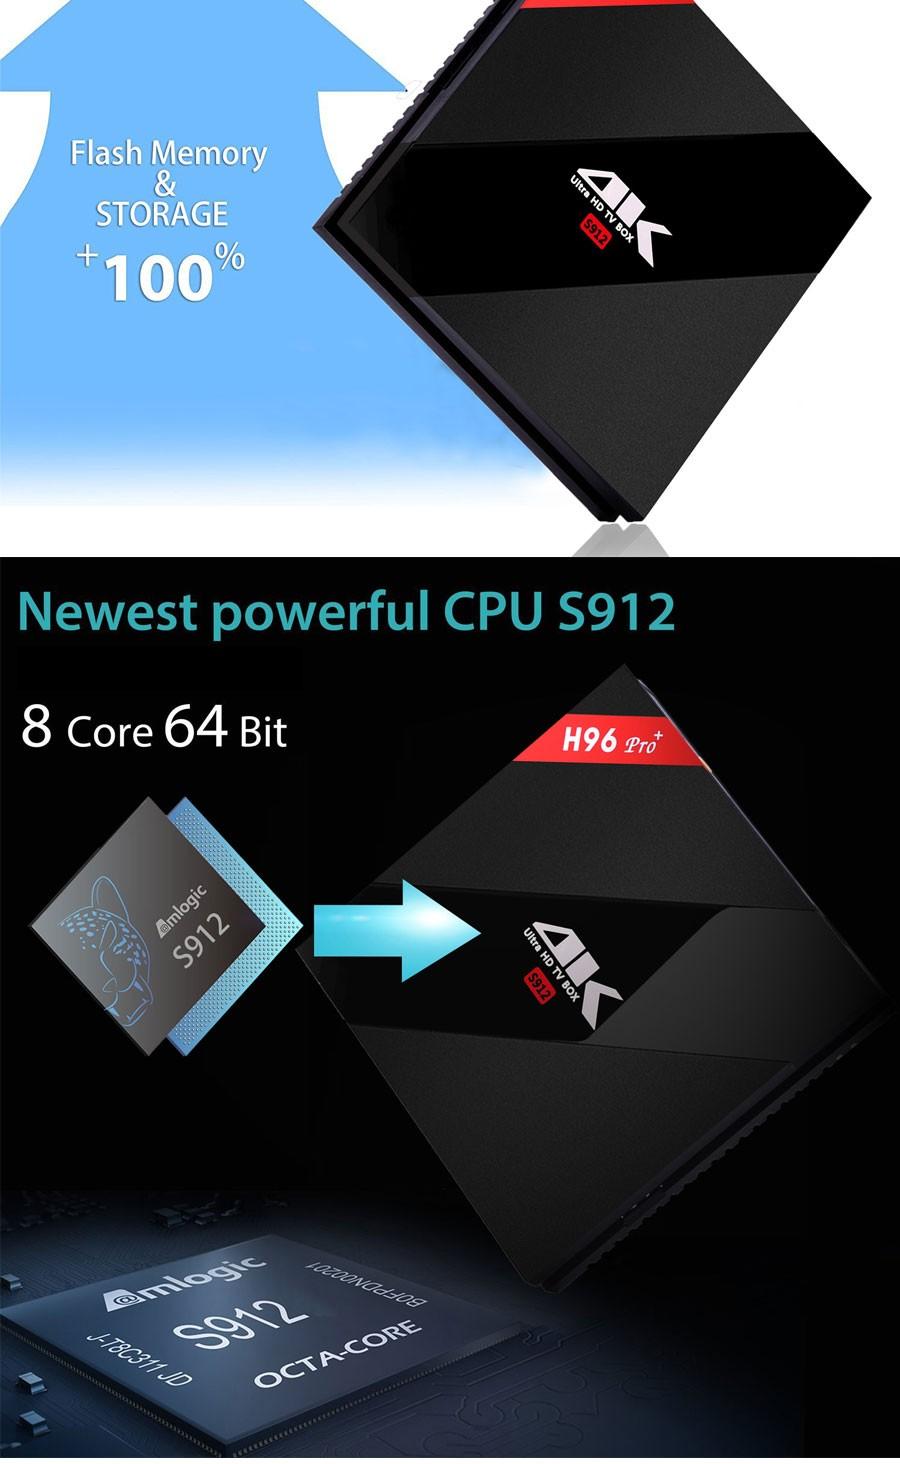 ถูก [ของแท้] H96 Pro + 3กิกะไบต์/32กิกะไบต์Android 6.0สมาร์ททีวีกล่องAmlogic S912 OCTAแกนCPU Kdoiแปล้Wifi 4พันH.265ตั้งกล่องด้านบน